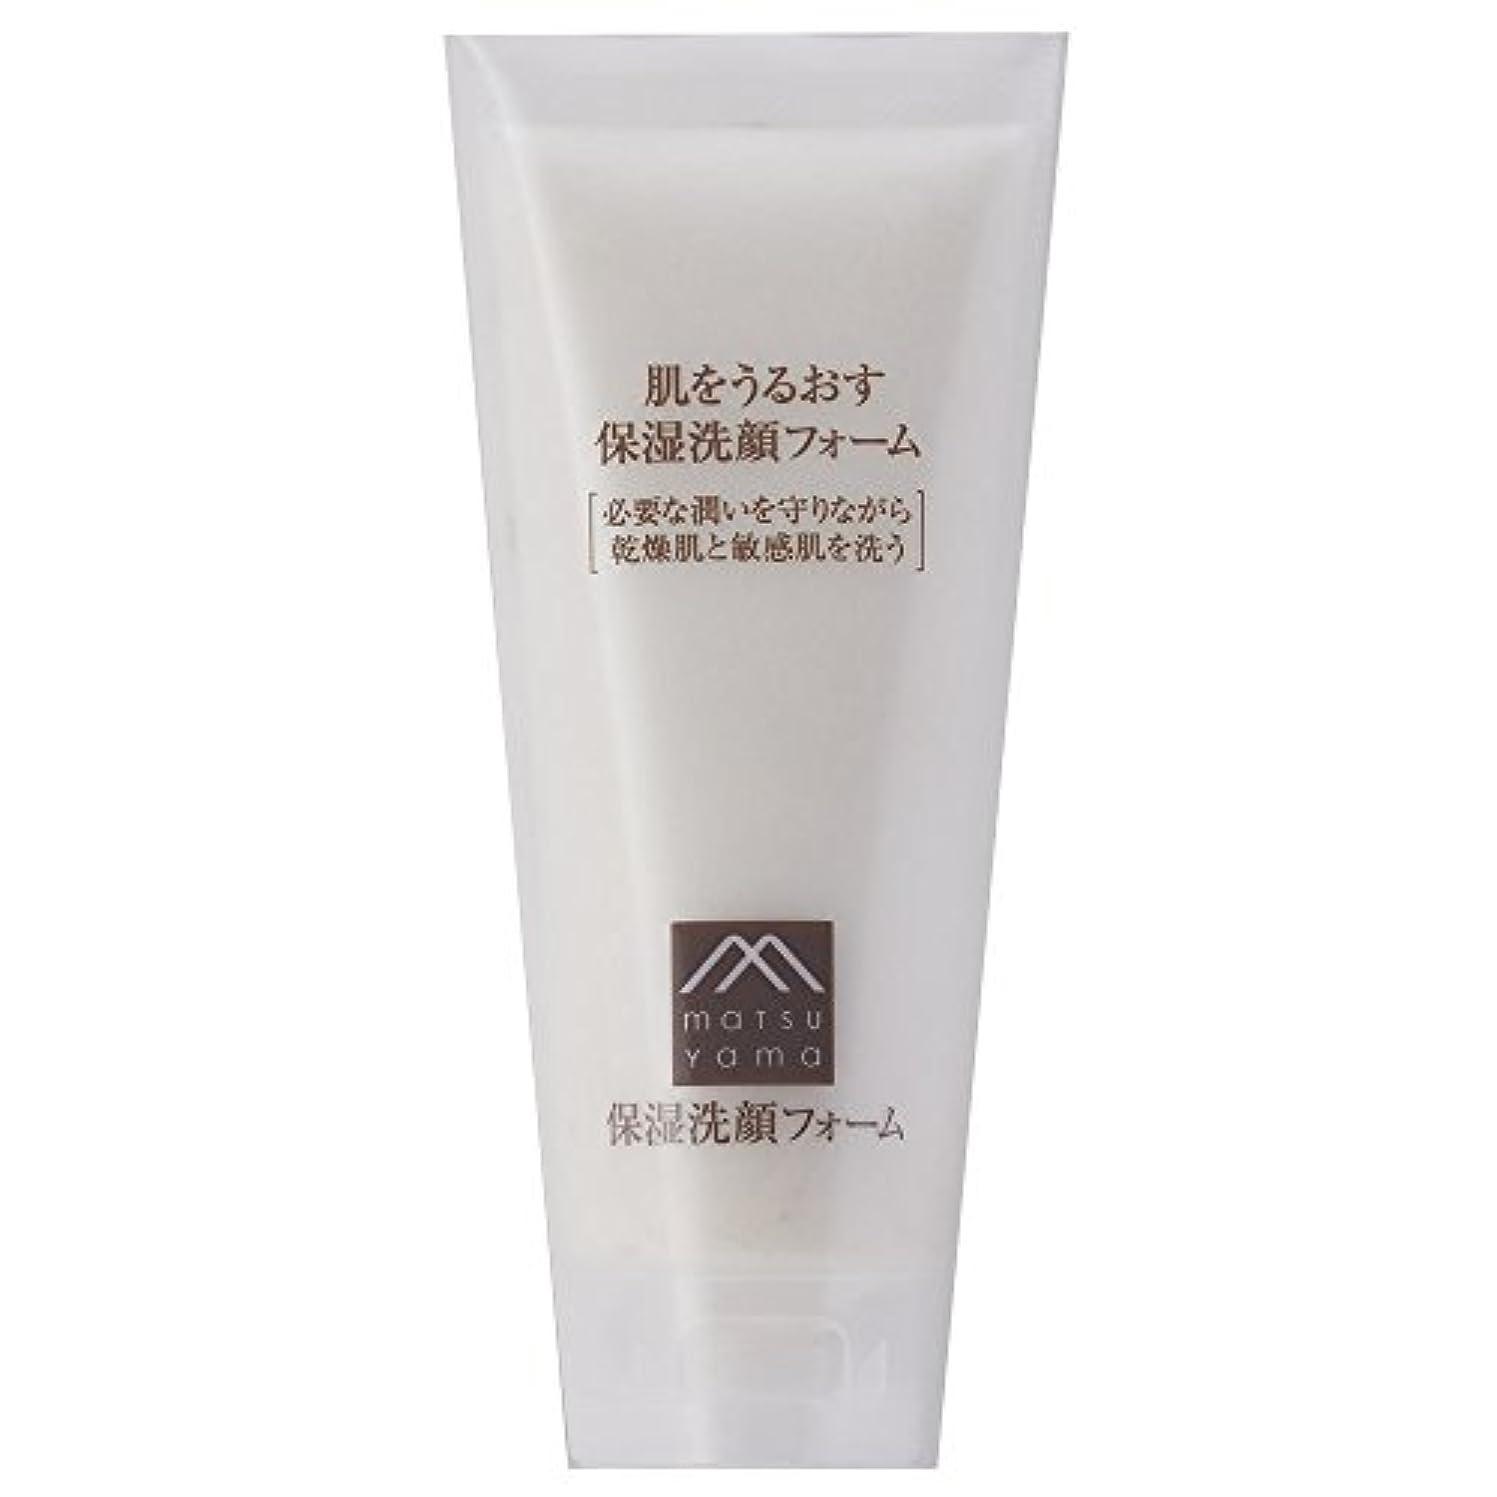 ハーネスパパ調べる肌をうるおす保湿洗顔フォーム(洗顔料) [乾燥肌 敏感肌]